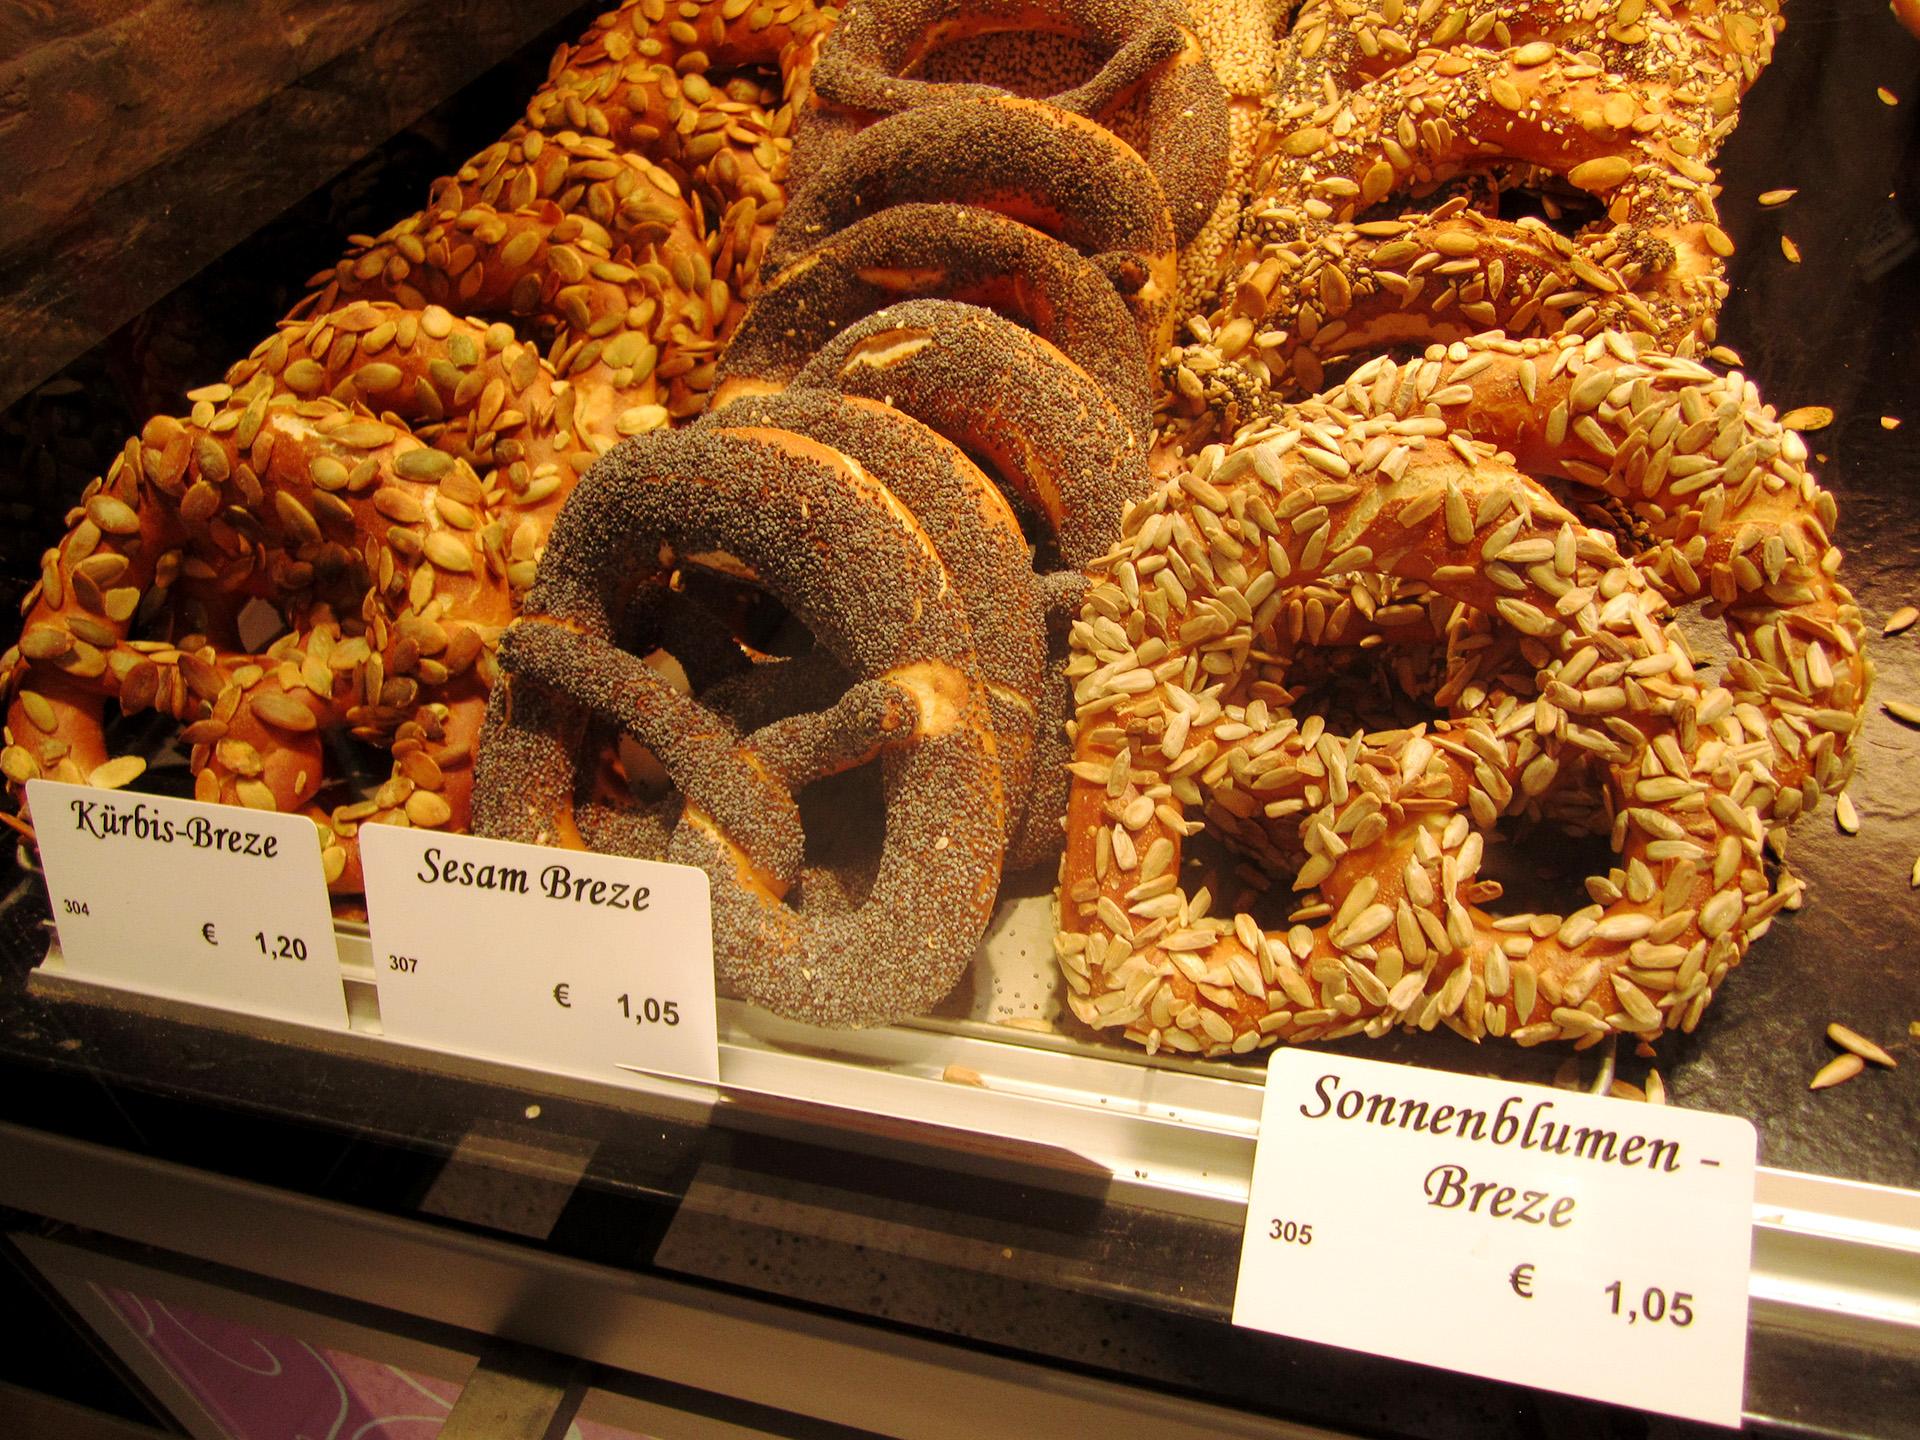 Pretzels, Viktualienmarkt, Munich.